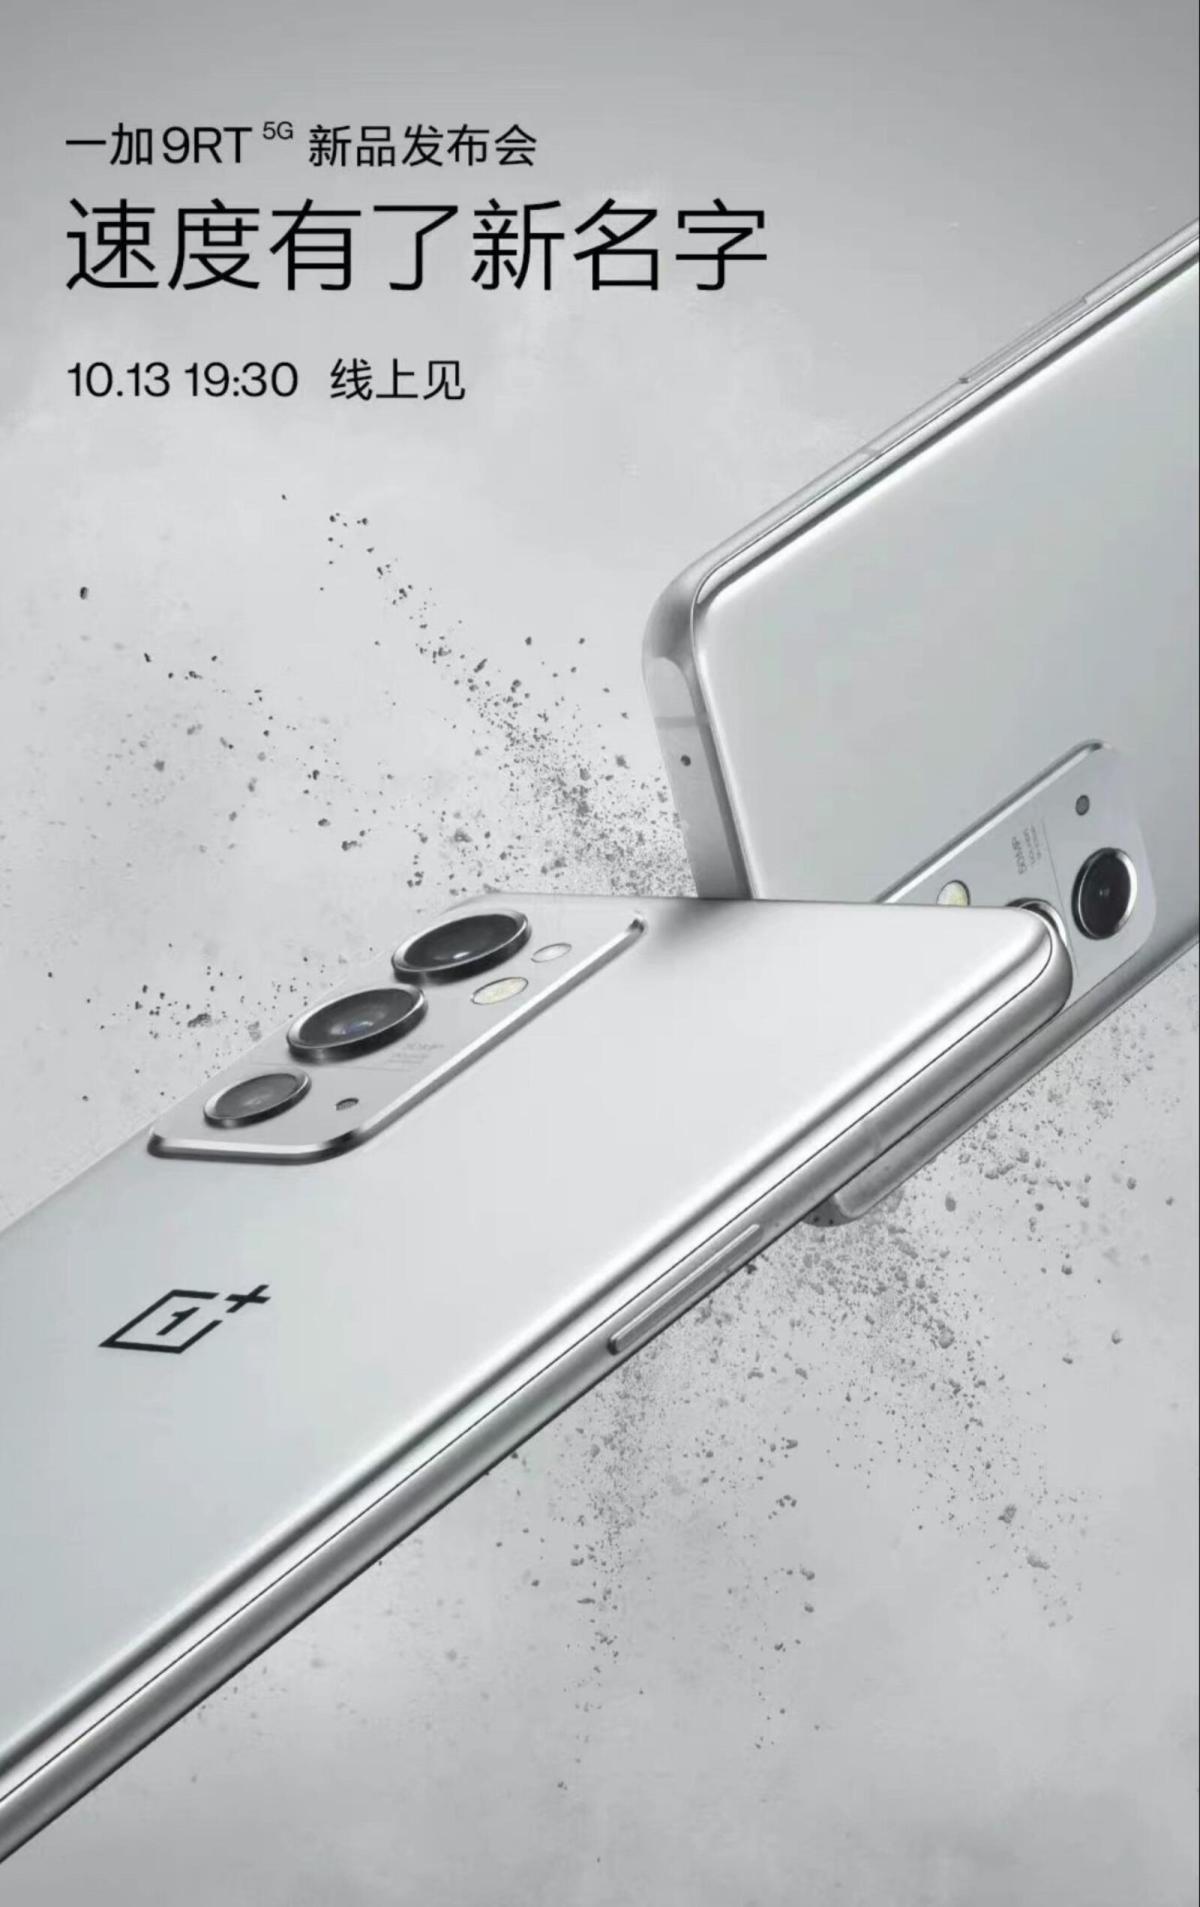 Oneplus 9rt China